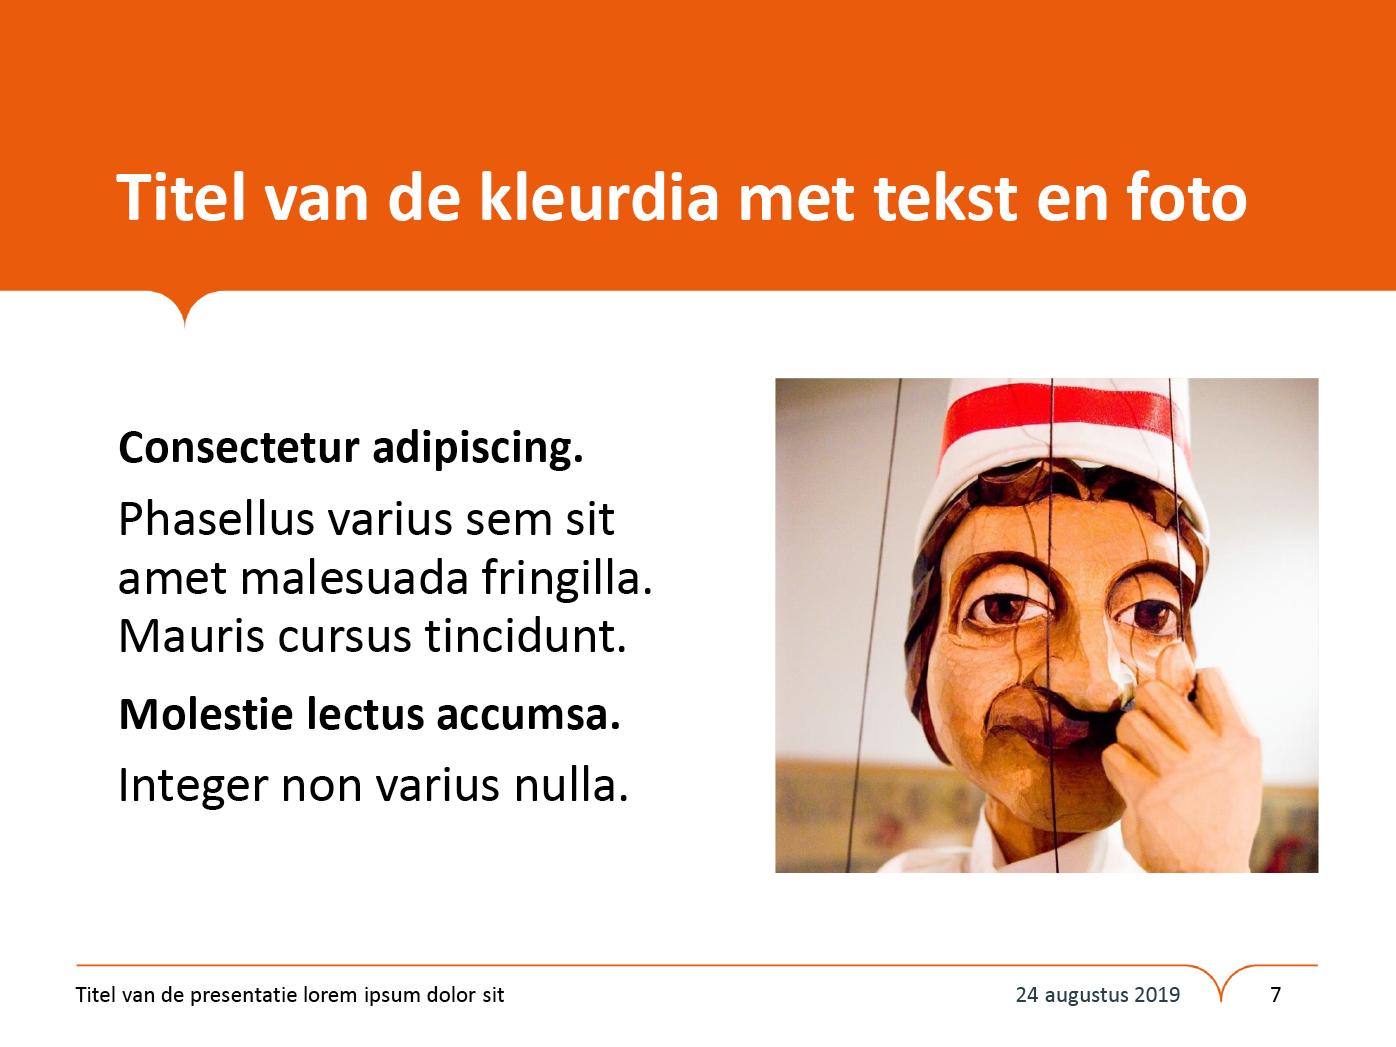 """Dia-type """"kleurdia met tekst en foto"""", gepersonaliseerd voor de submerken van het basisonderwijs. Powerpoint-sjabloon van de Stad Gent."""